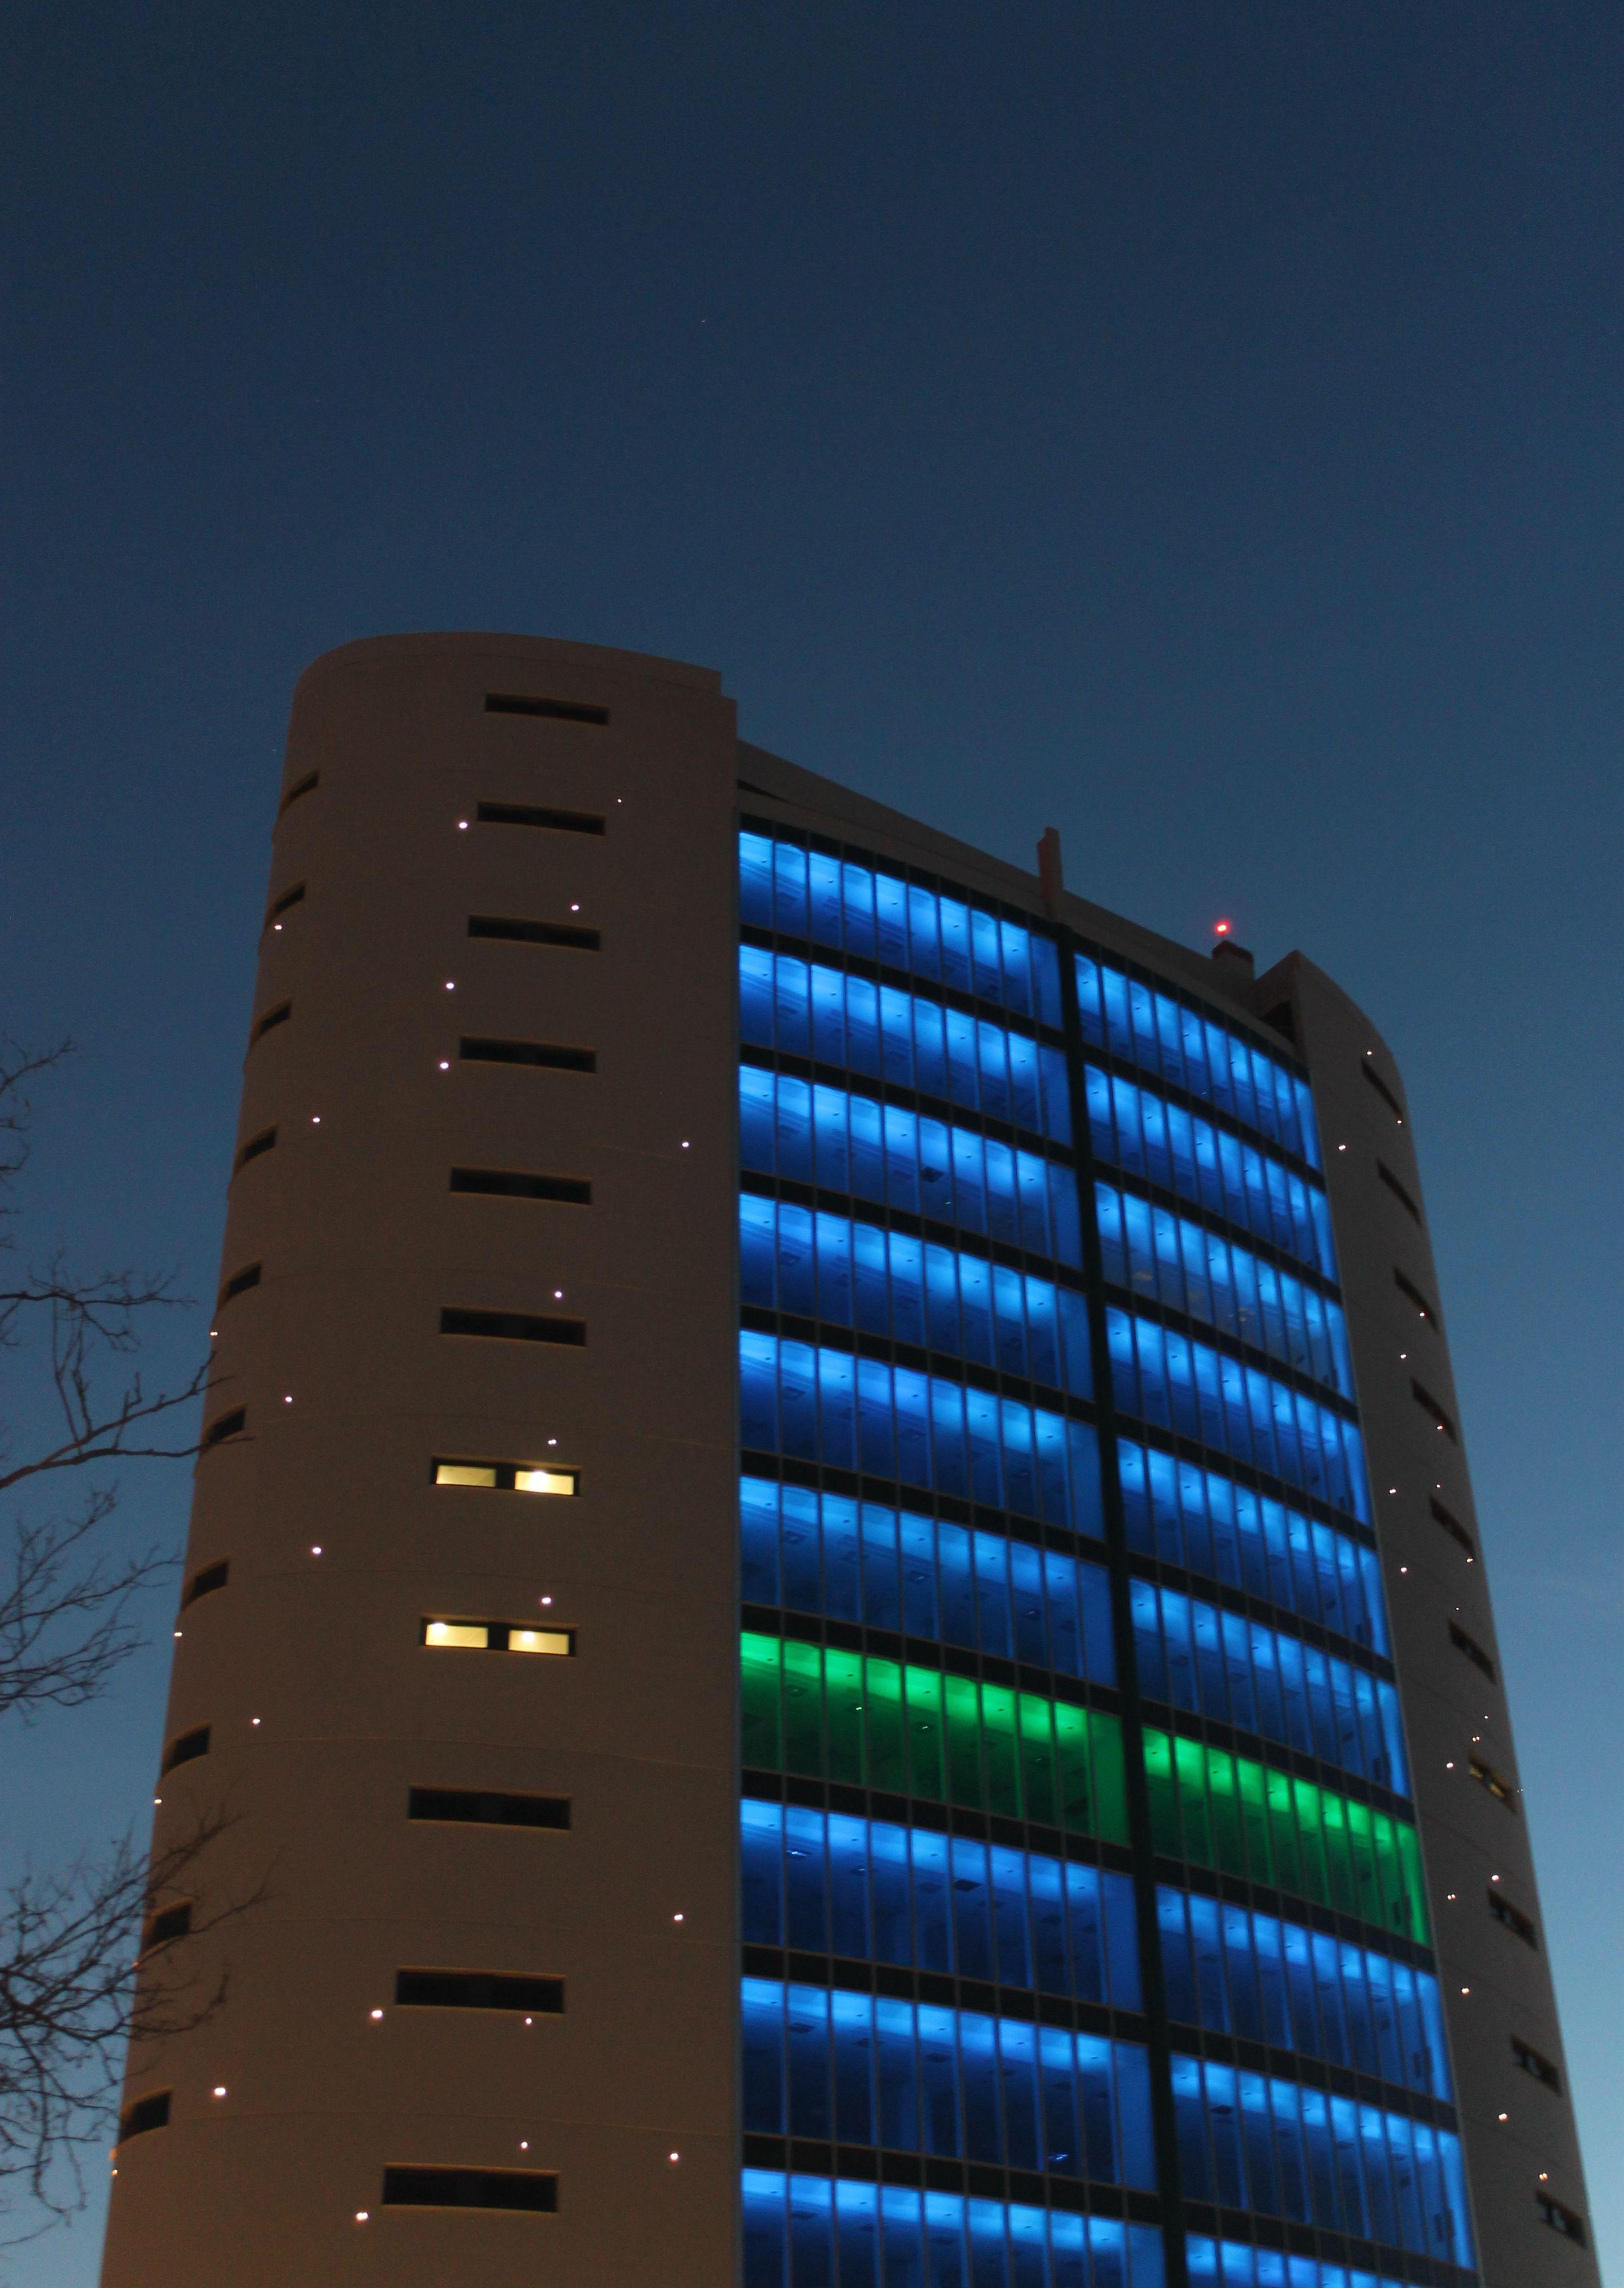 Gli spot RGB a luce LED caratterizzano l'illuminazioFuturo Luce (si tratta del sistema a luce LED Drop3, con 3 x 2,4 W di potenza, RGB e sistema di controllo di gestione via DMX).ne colorata dinamica notturna delle facciate (cortesia: Tecniche Nuove, foto: Oxana Selari)